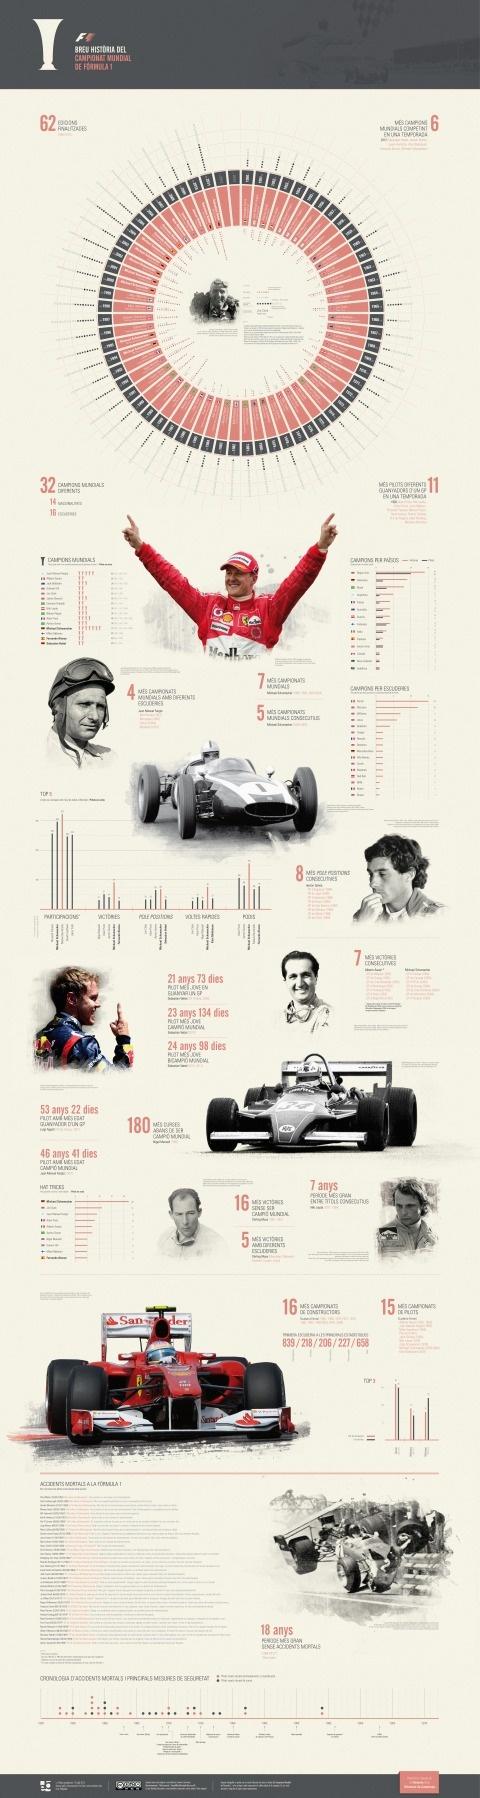 Ilustración Mundial_F1